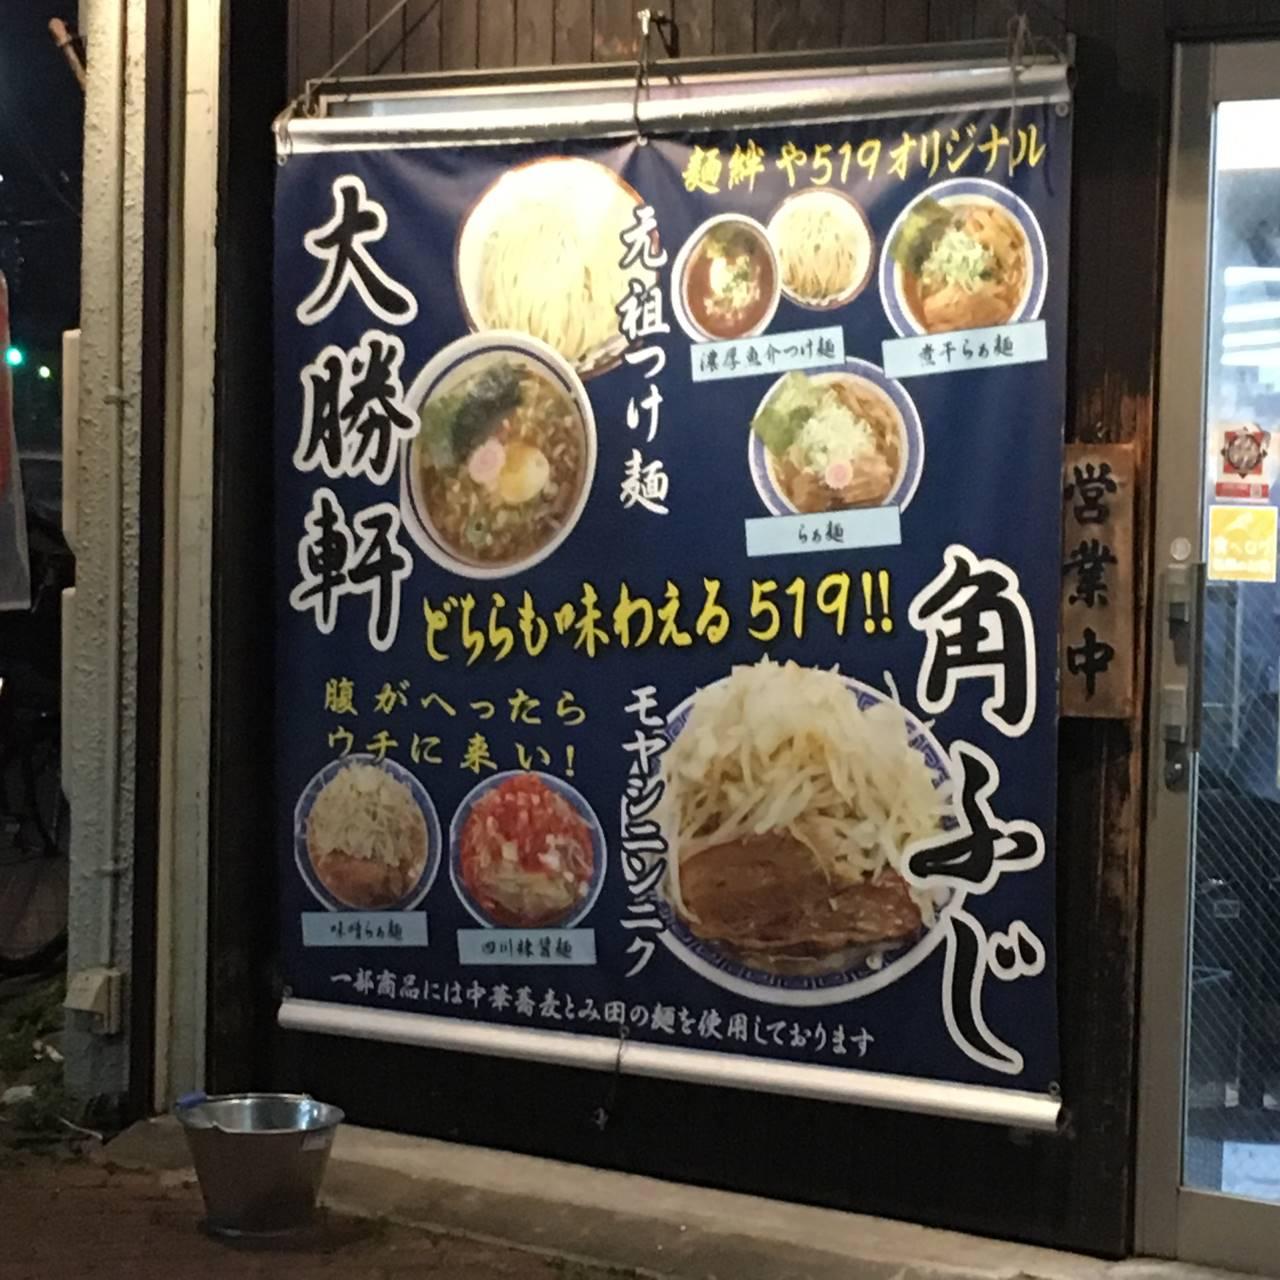 麺絆や 519(こいけ) 店頭の掲示物